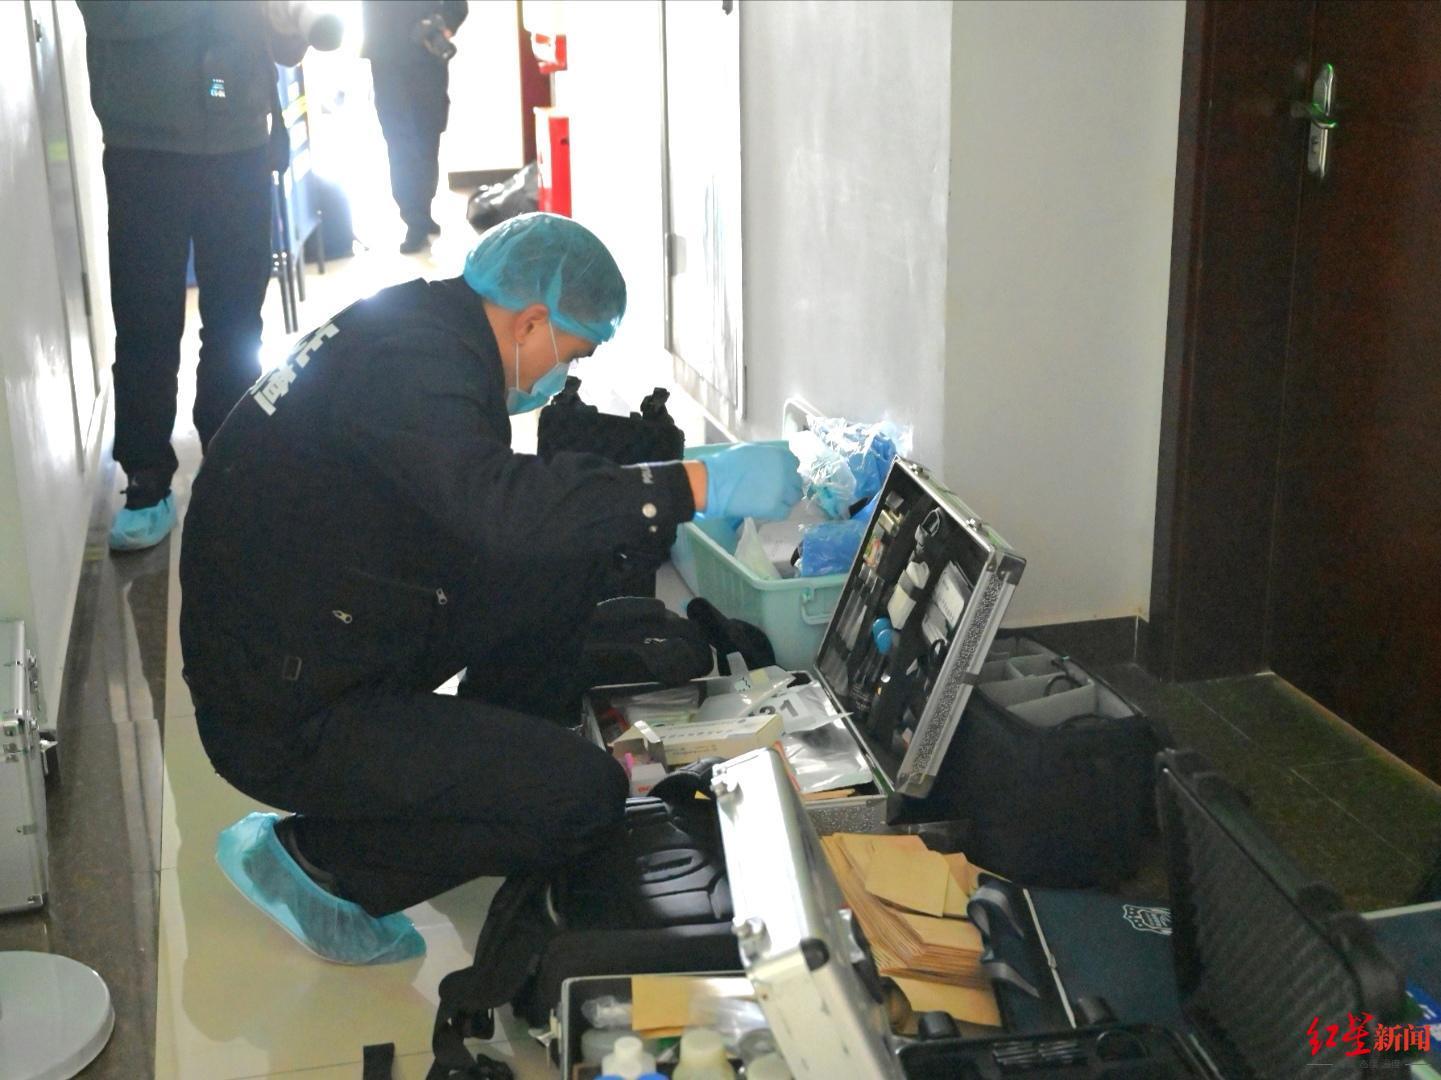 ↑考室外过道中堆满了现场勘查设备。